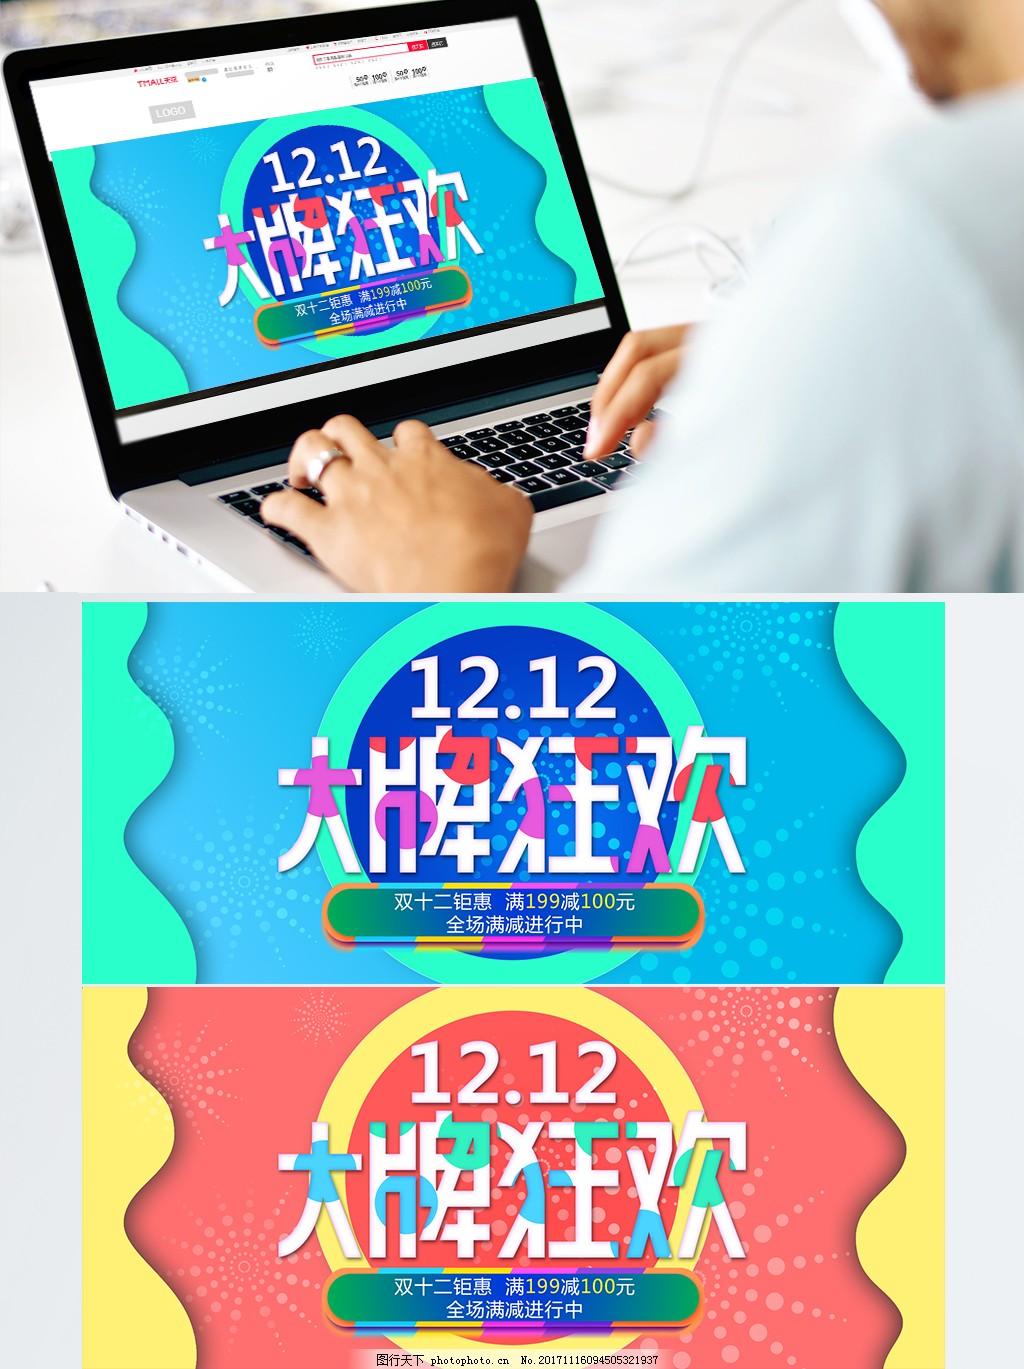 炫酷双十二电器数码背景双12大牌狂欢钜惠,满减,海报banner,促销活动,psd,优惠,素材